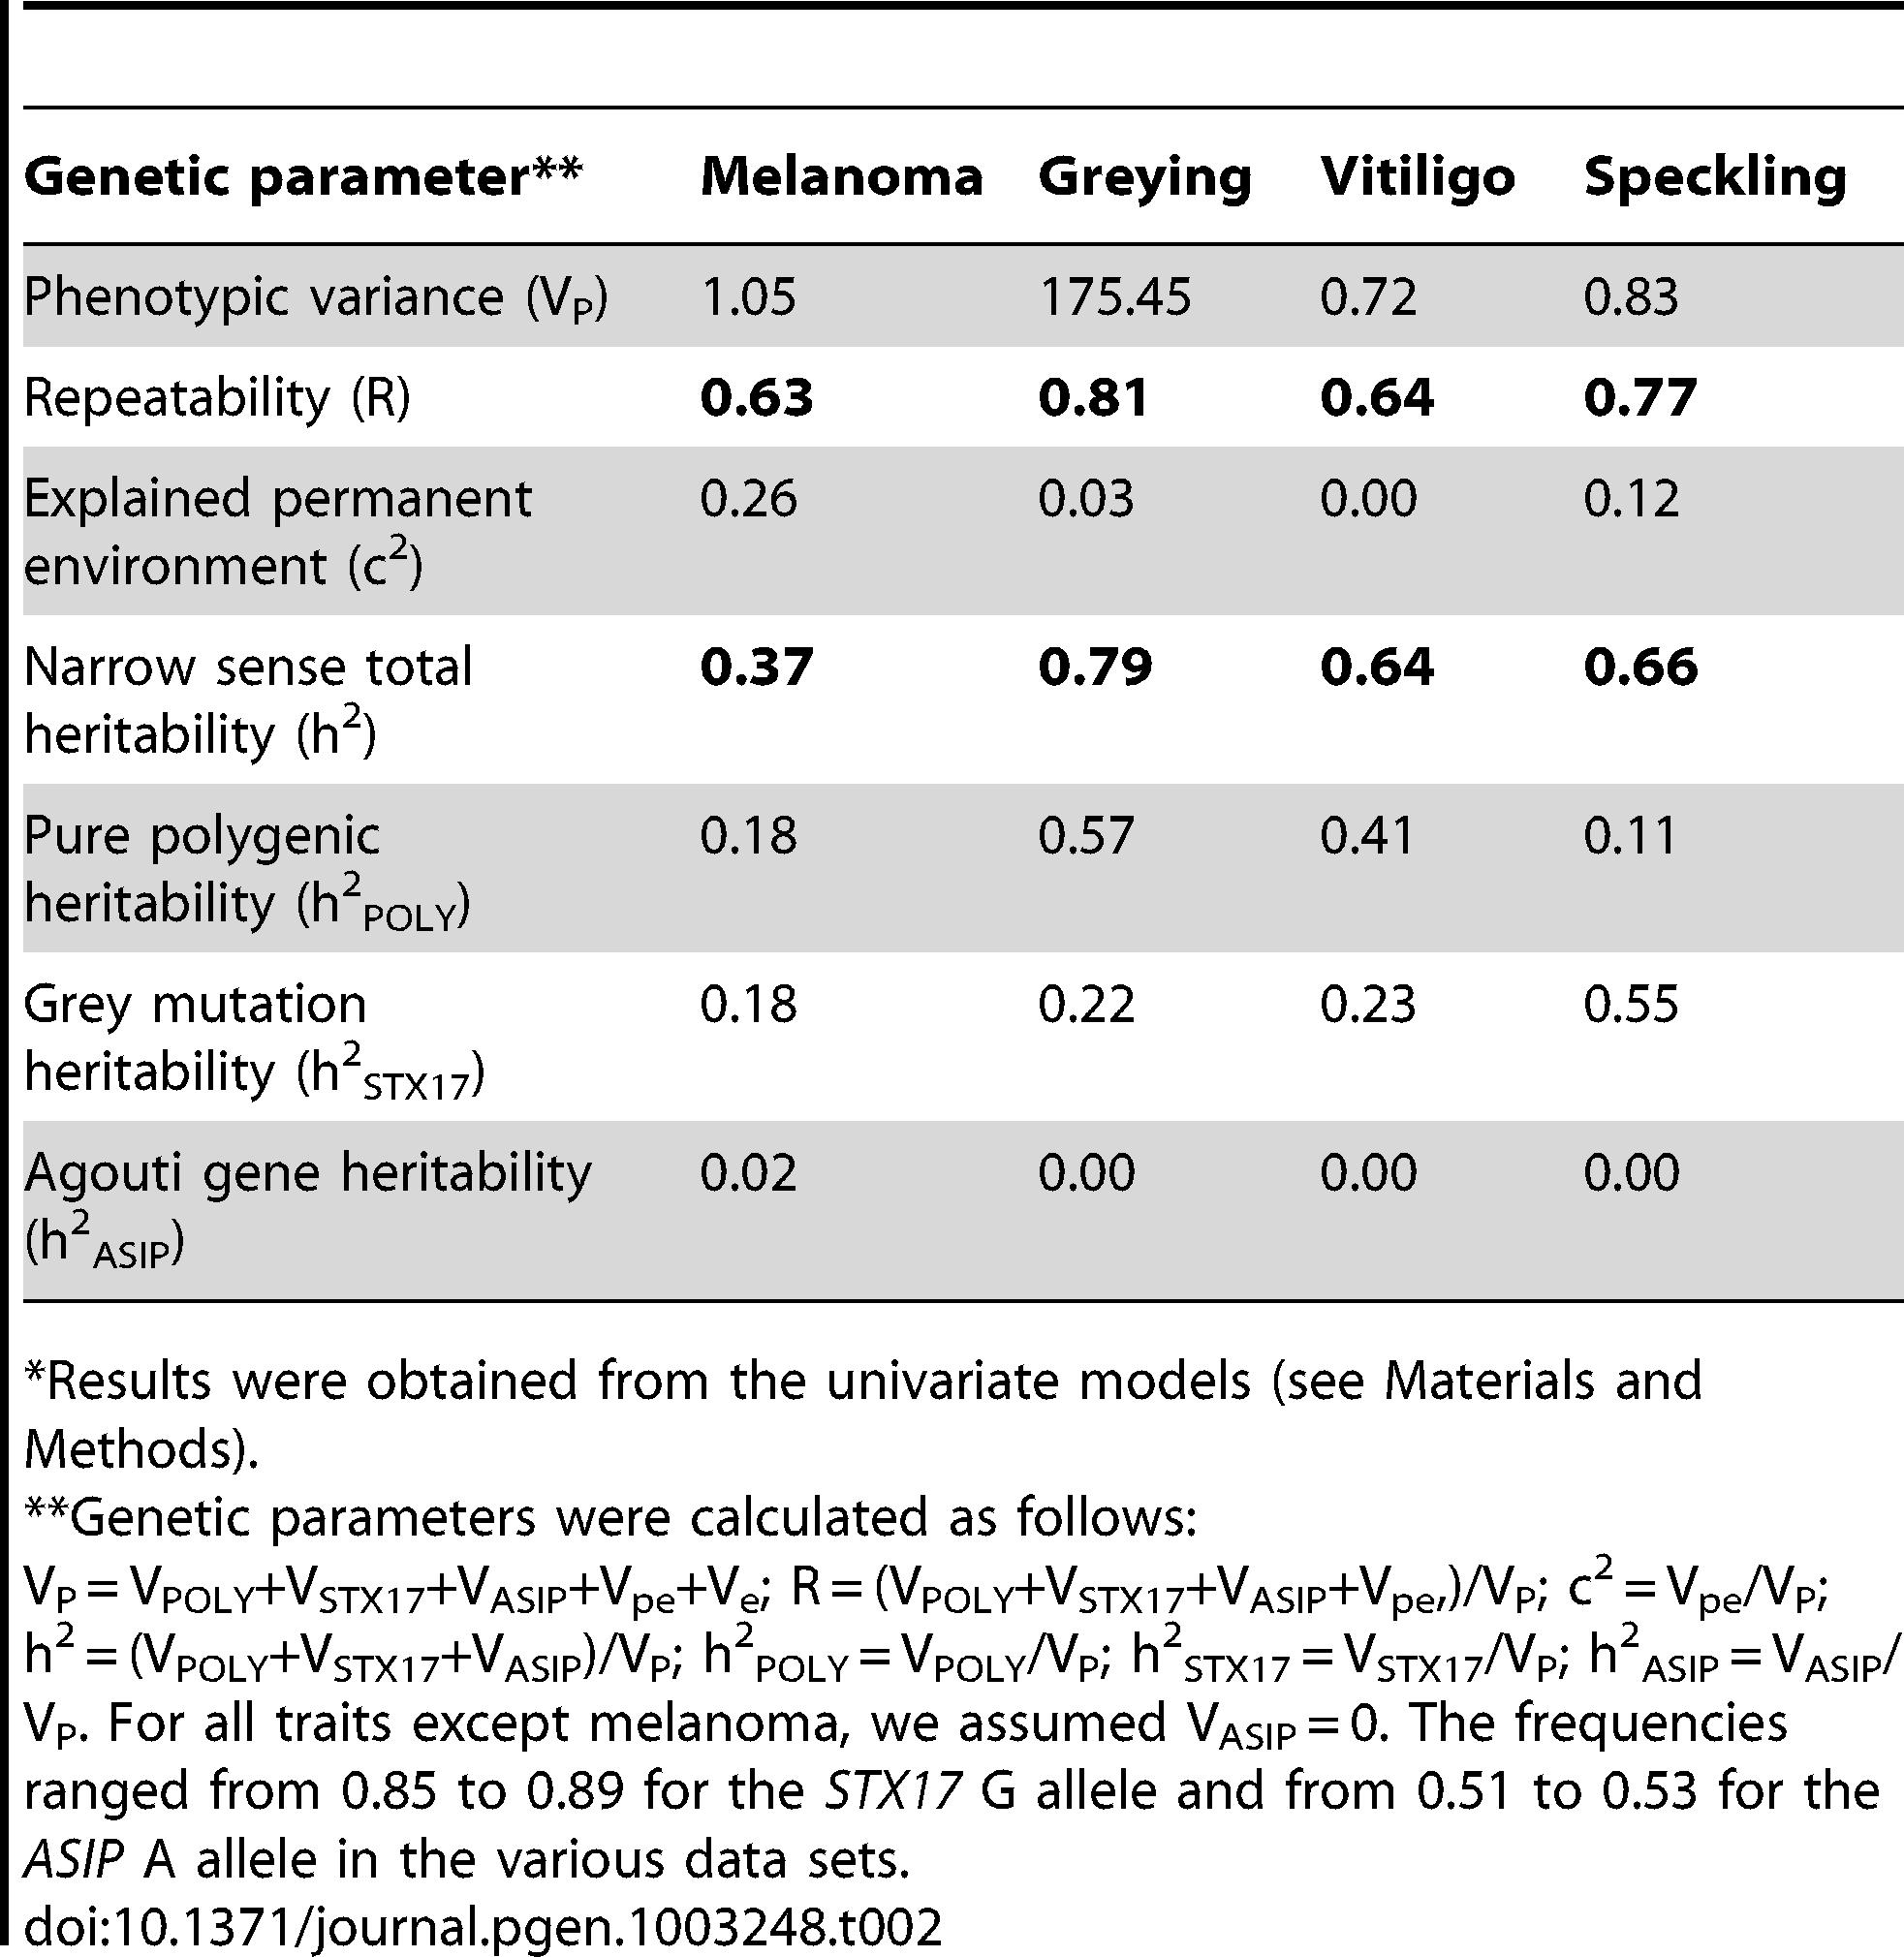 Phenotypic variance, repeatability, and heritabilities for melanoma grade, grey level, vitiligo grade, and speckling grade.<em class=&quot;ref&quot;>*</em>